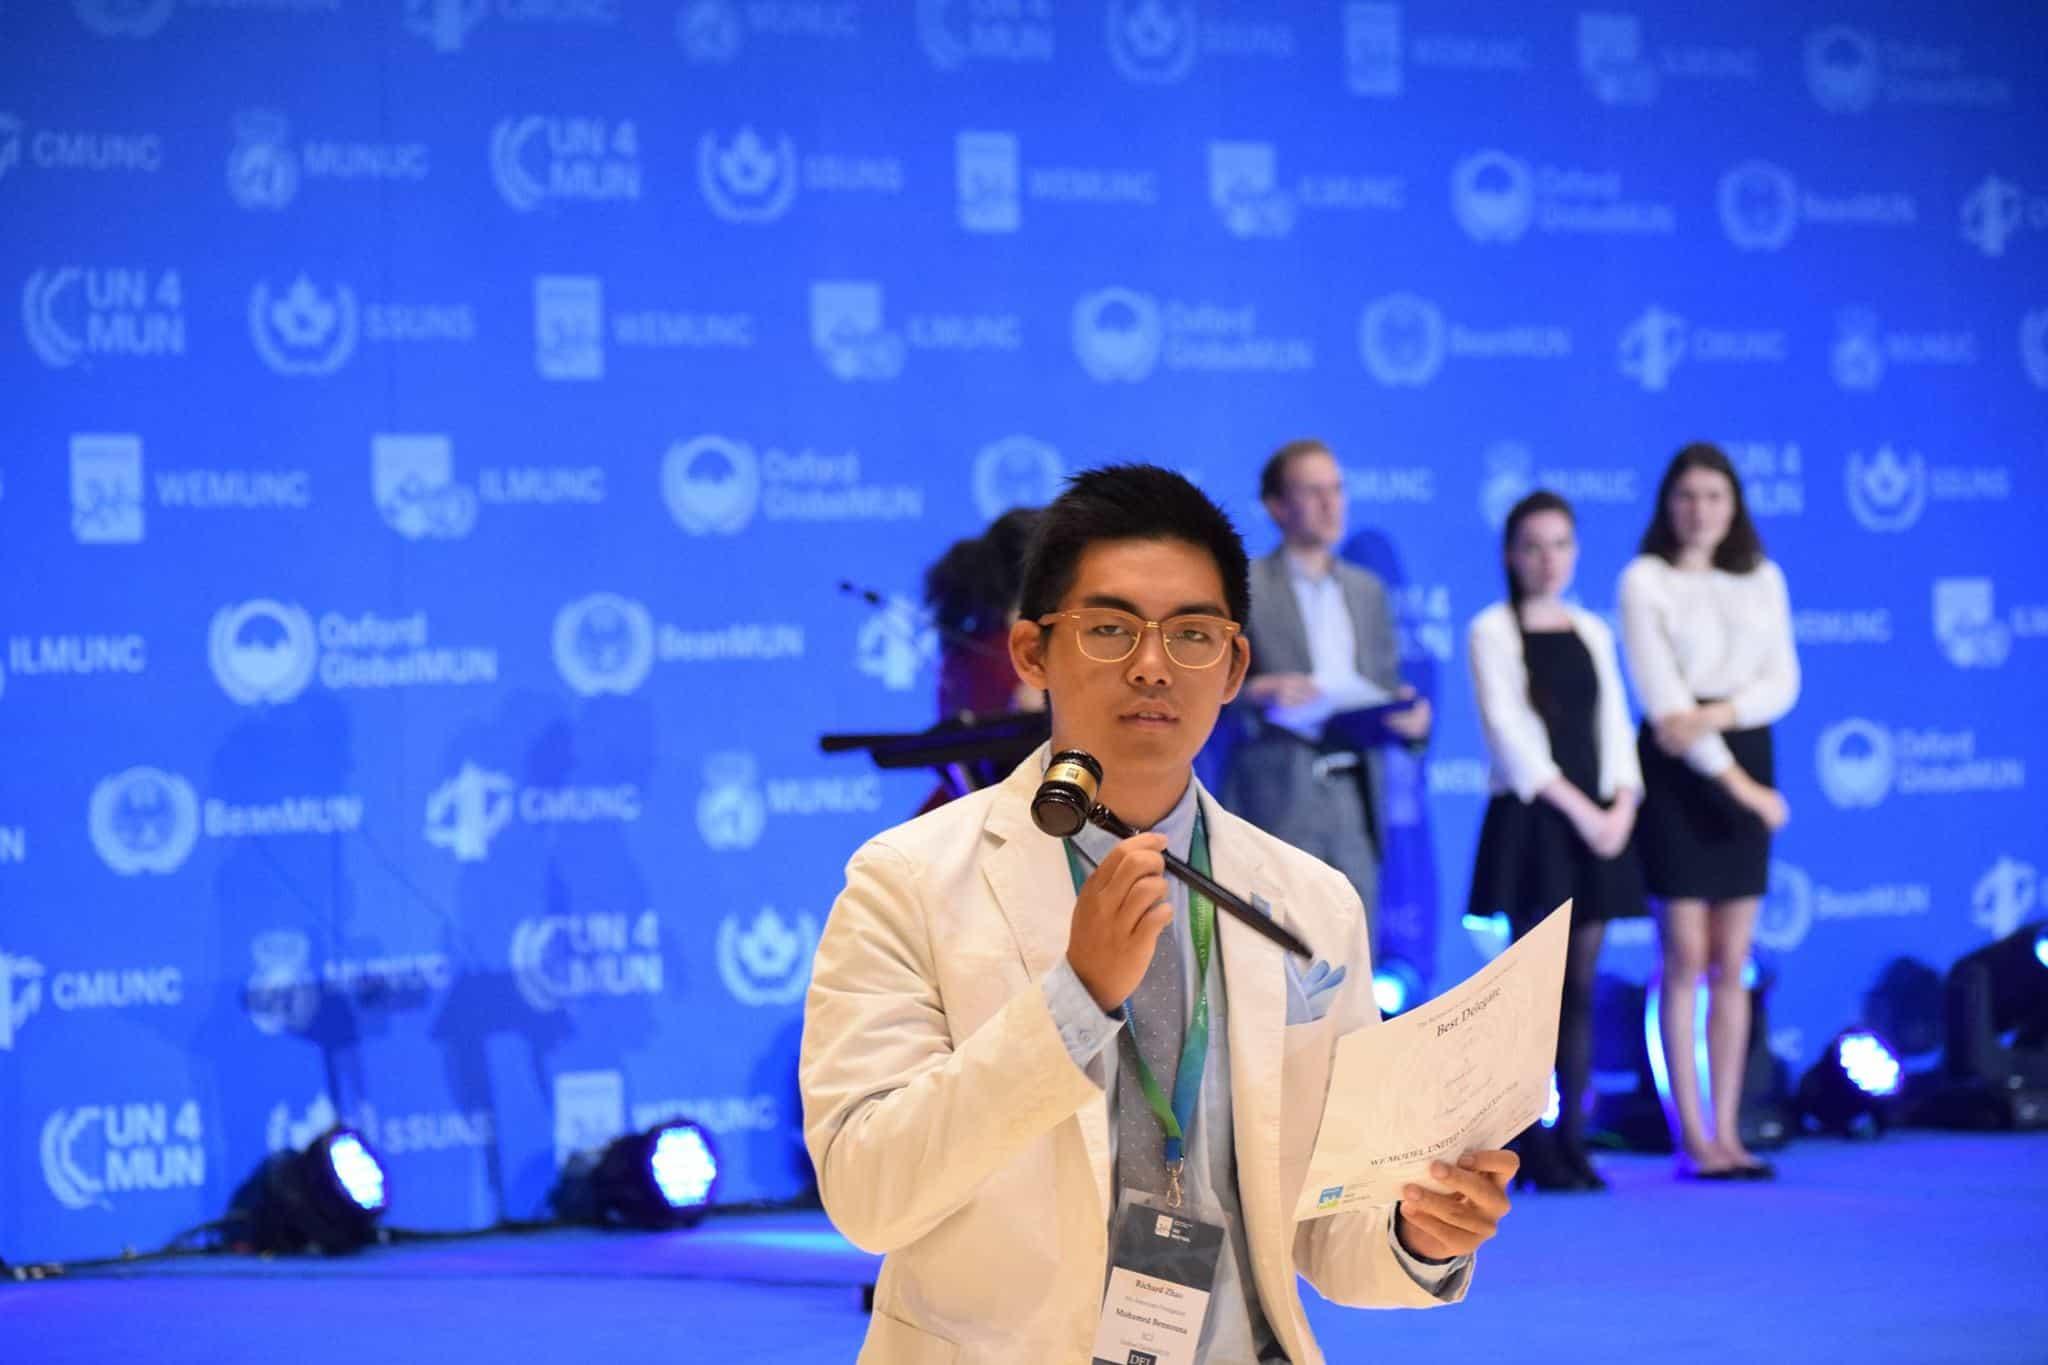 Richard Zhao